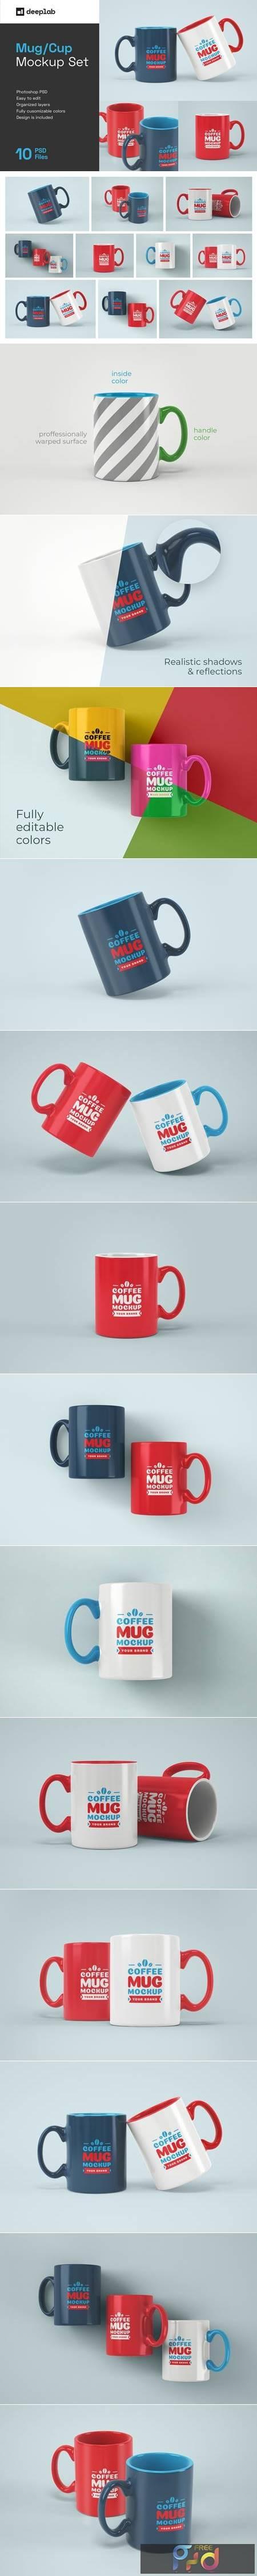 Mug Mockup Set 4848367 1